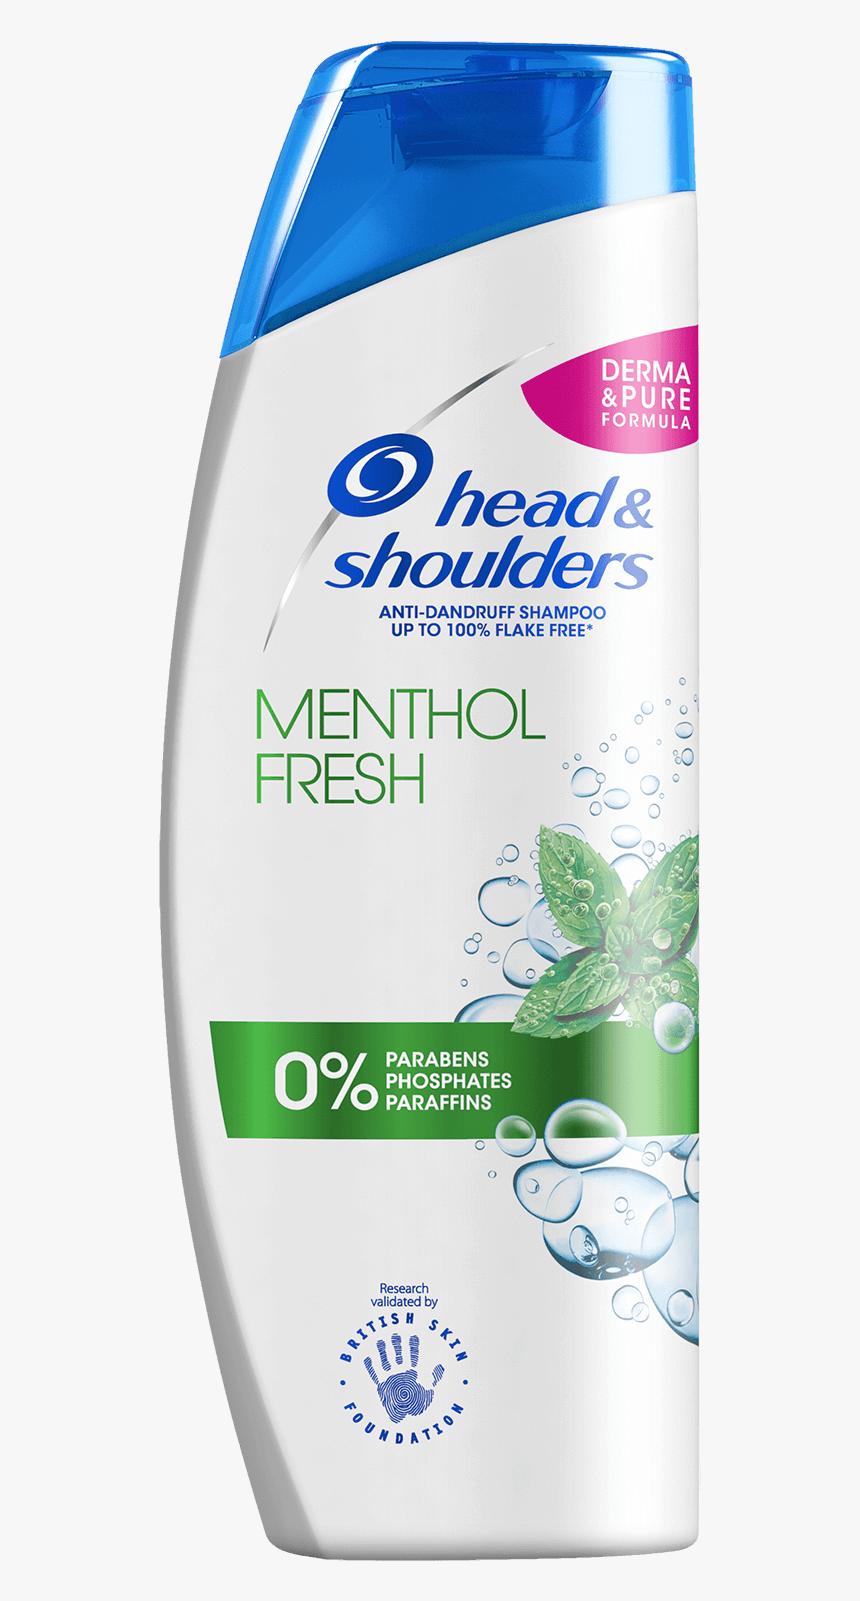 Head & Shoulders Sensitive - Head And Shoulders Shampoo, HD Png Download, Free Download